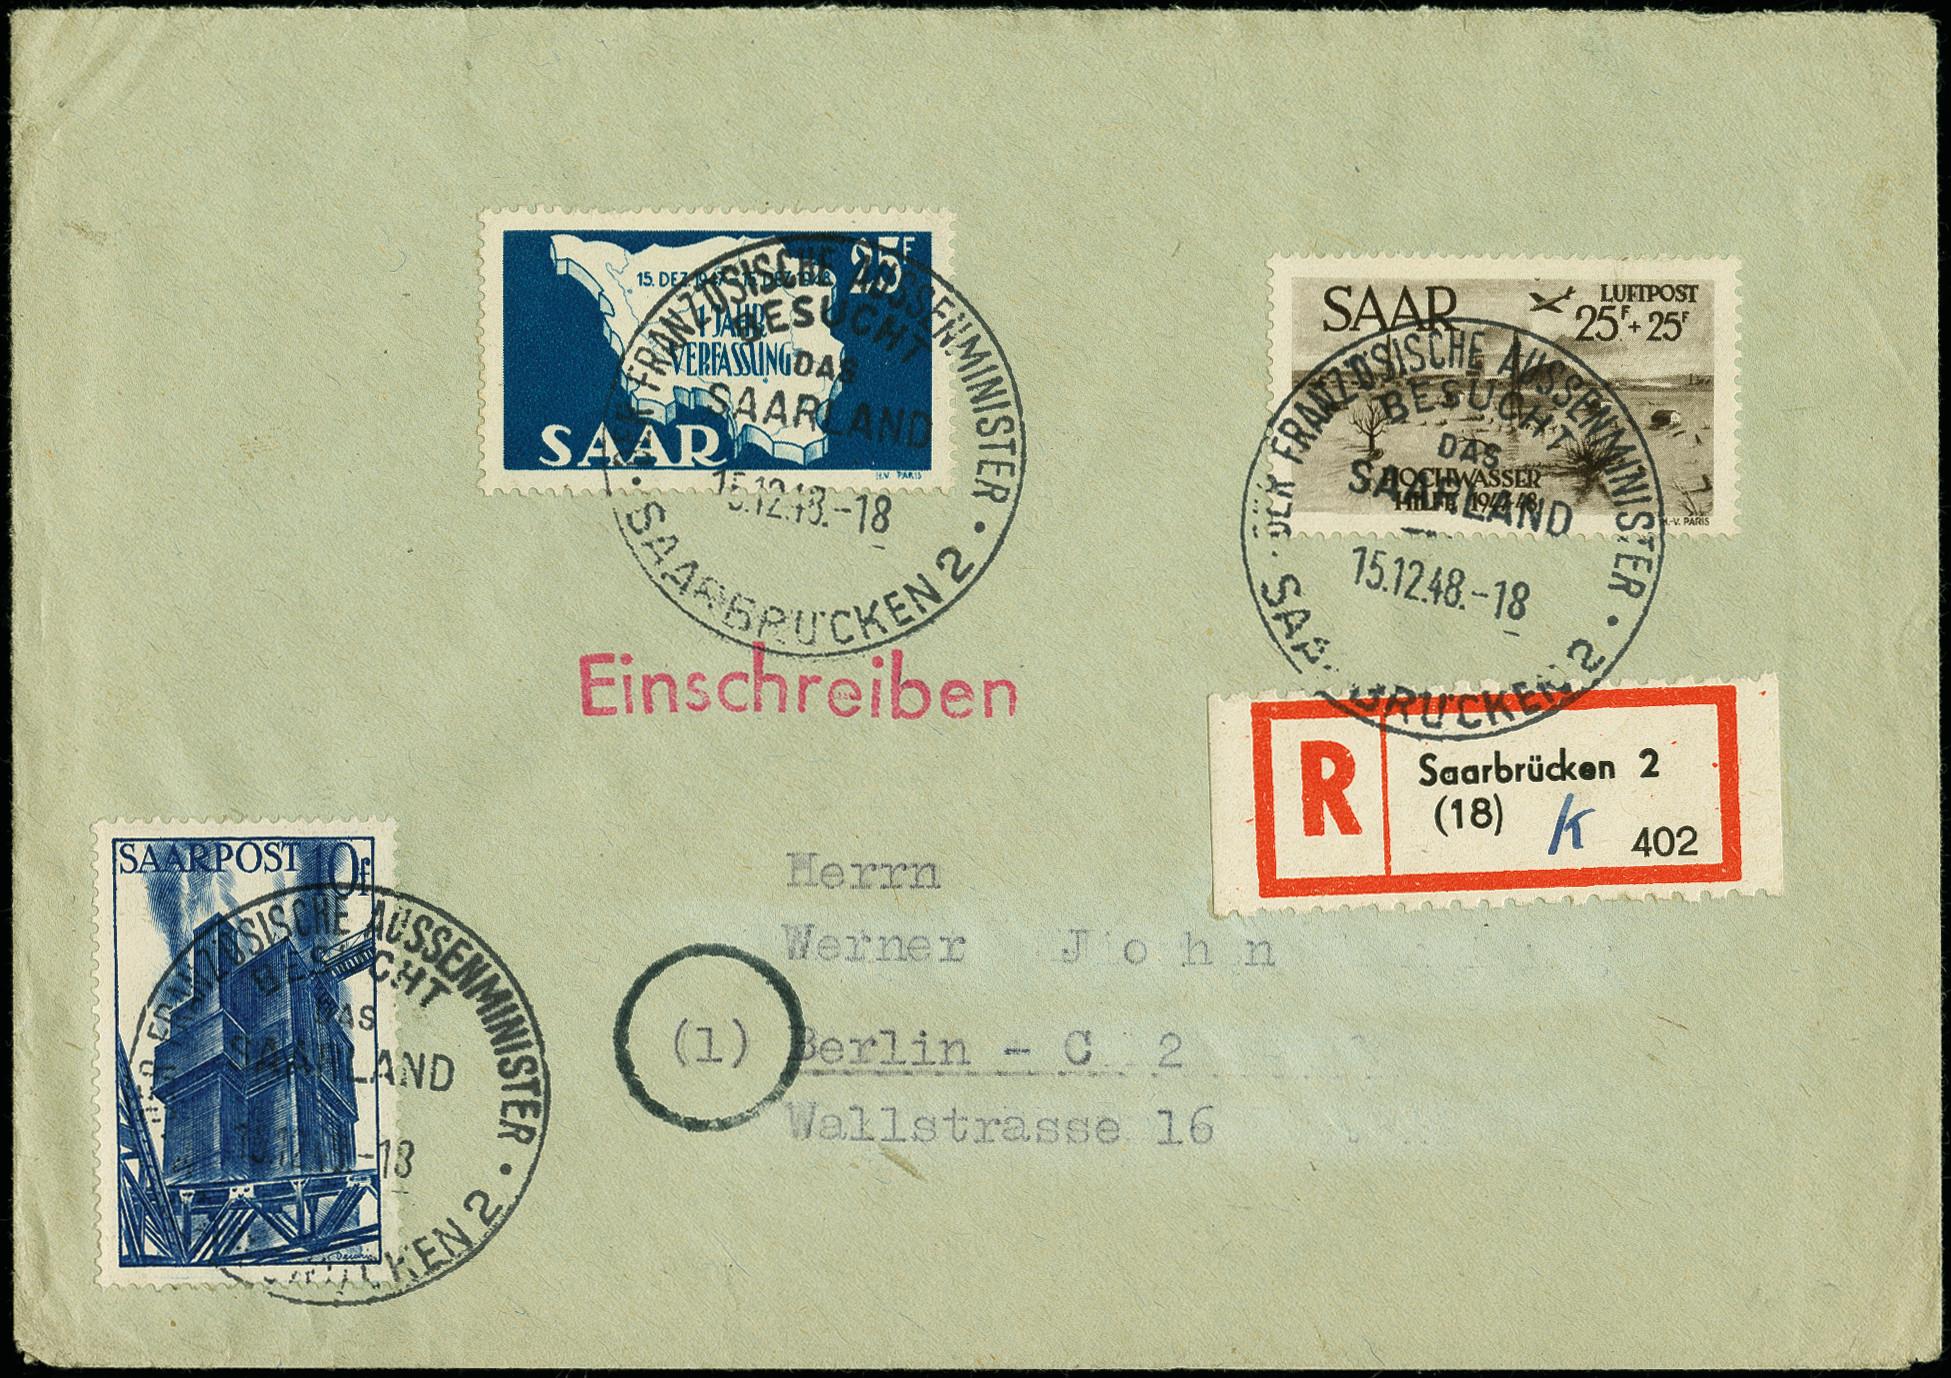 Lot 7568 - Main catalogue saar -  Heinrich Koehler Auktionen Auction #367- Day 4